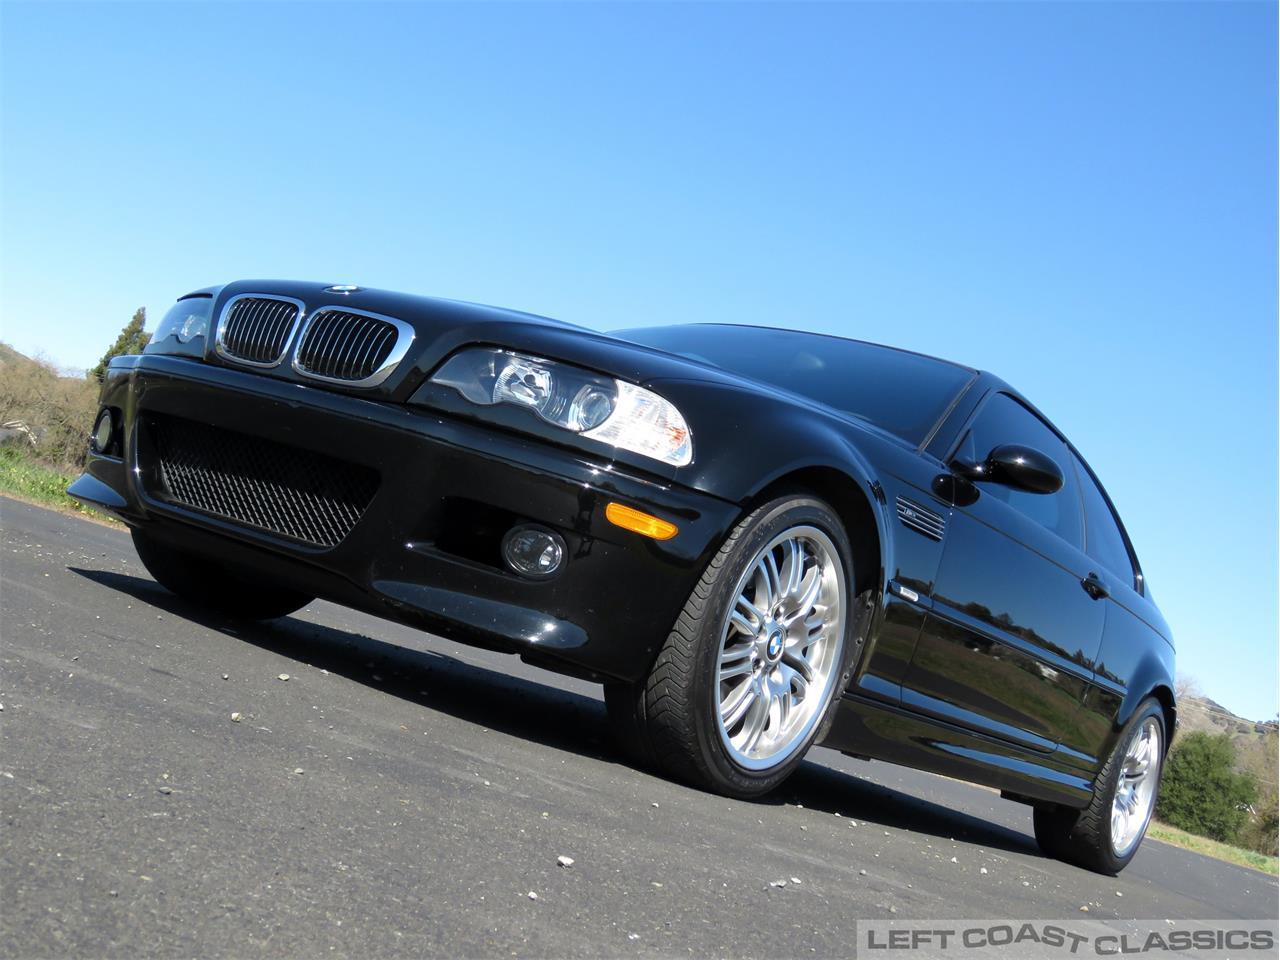 2001 BMW M3 for Sale | ClassicCars.com | CC-1070332